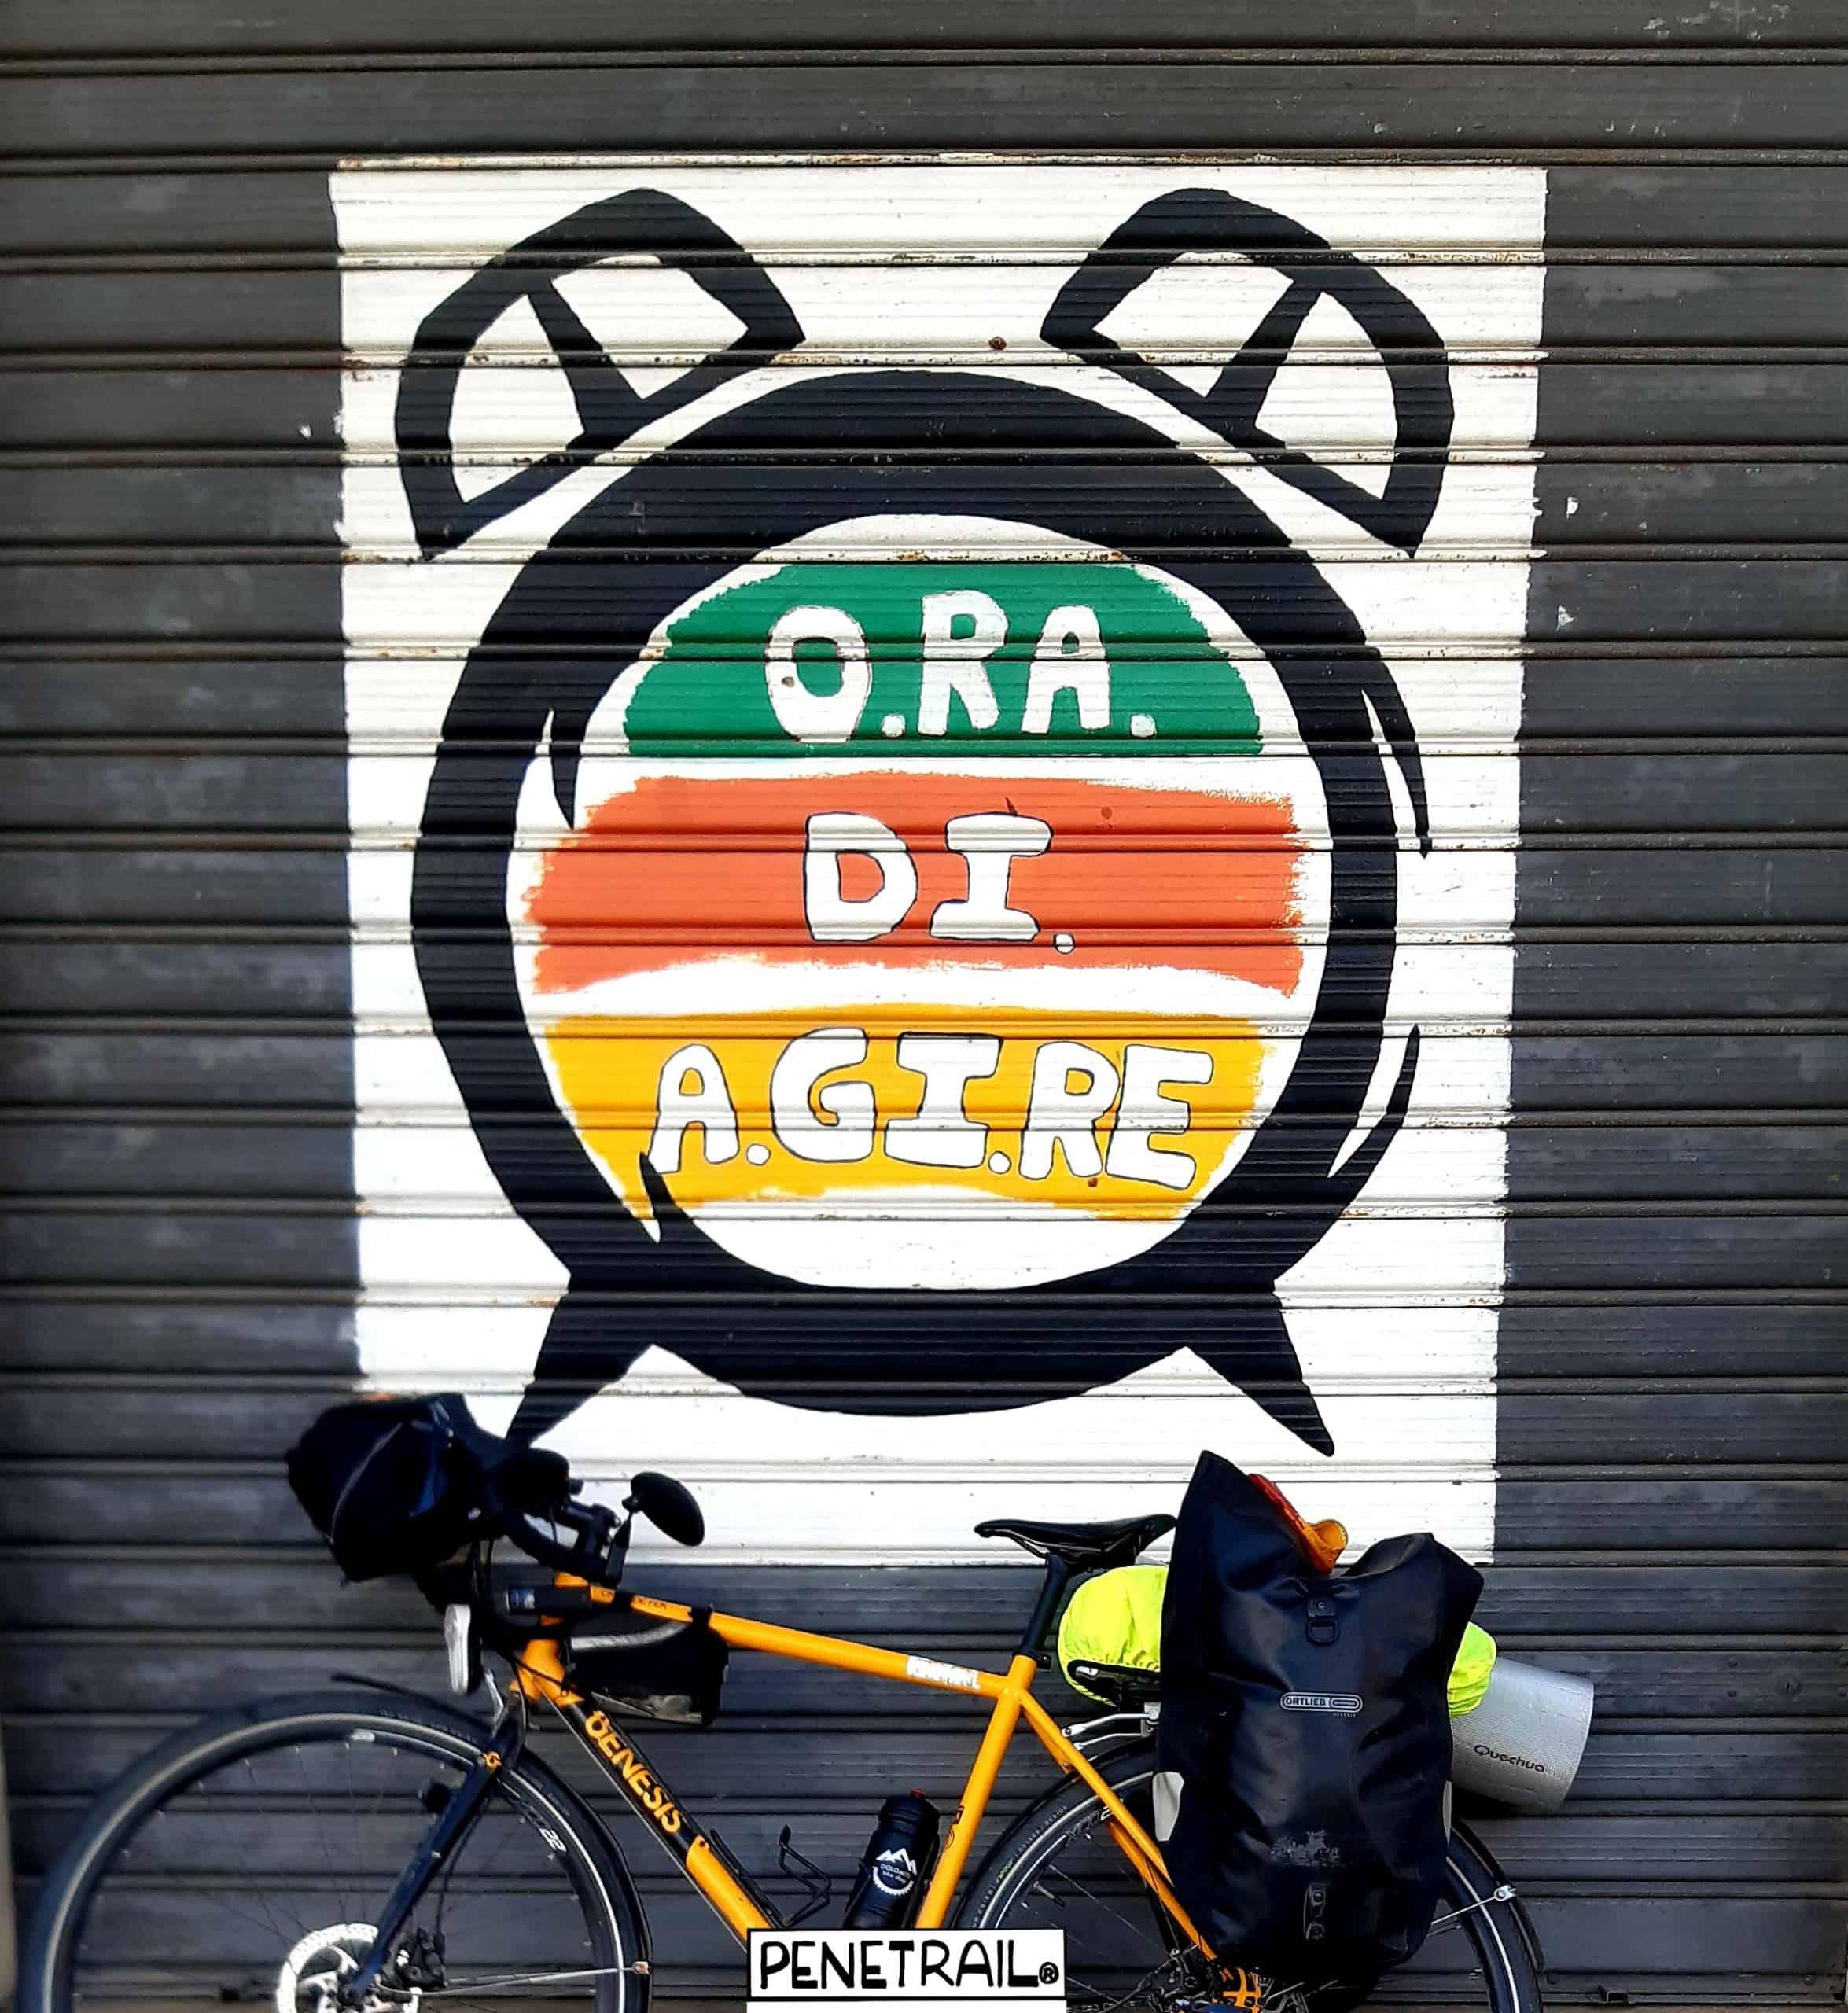 storie in bici